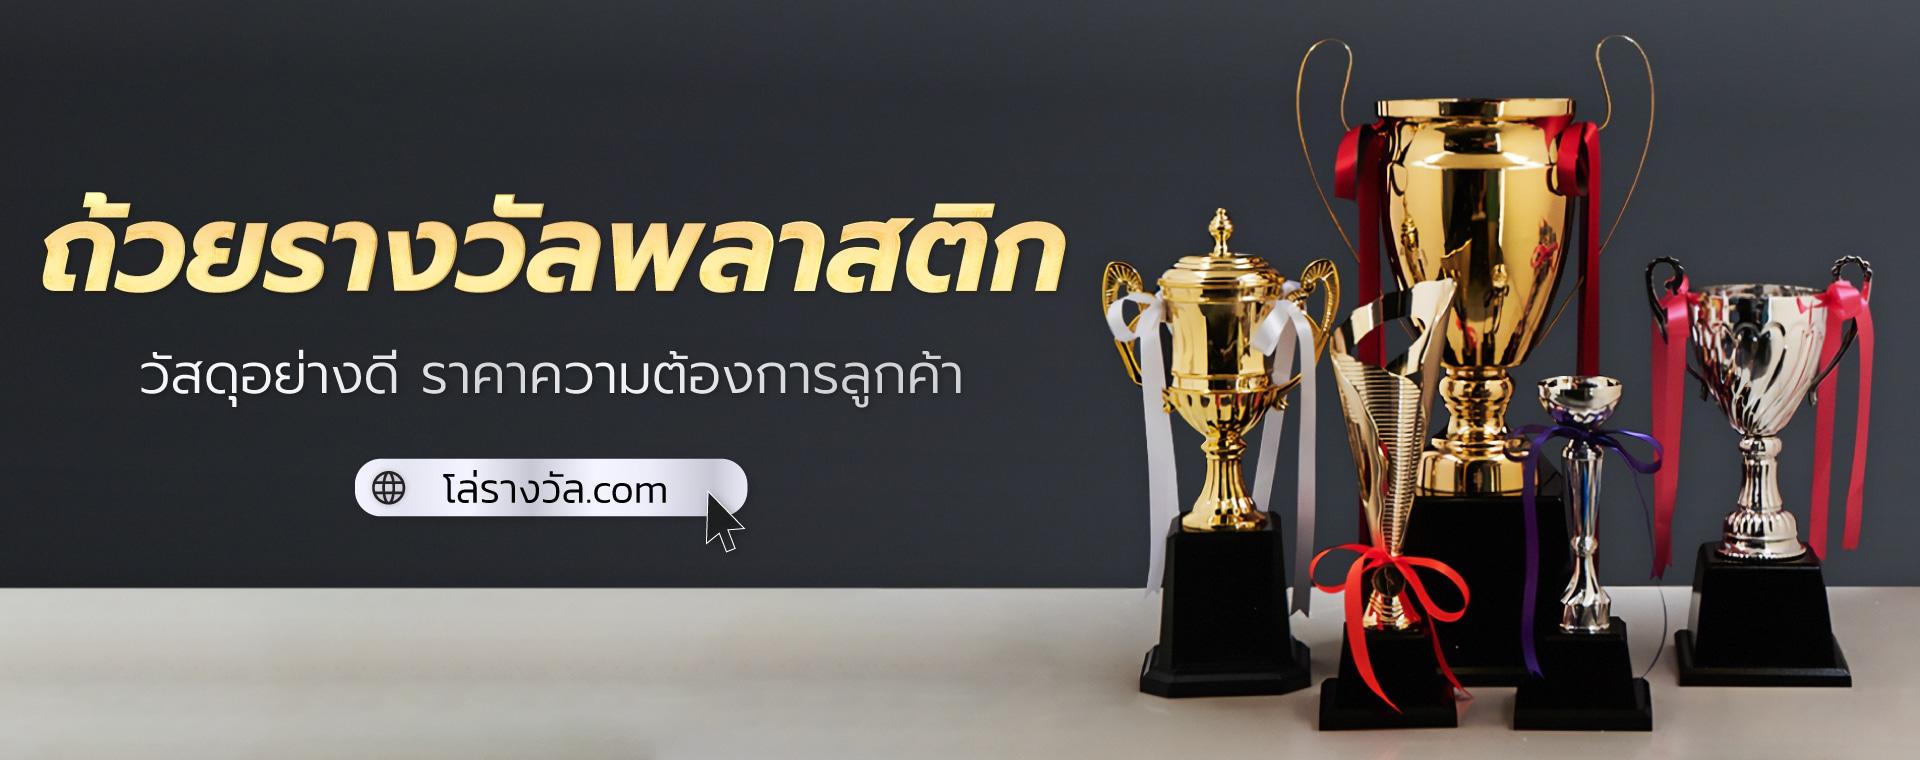 รับผลิตโล่รางวัล ถ้วยรางวัล (Trophy) ทุกชนิด สินค้าชั้นนำของประเทศทย นำเข้าและจำหน่ายโล่รางวัล ถ้วยรางวัลมีให้เลือกหลากหลายขนิด หลากหลายรูปแบบ